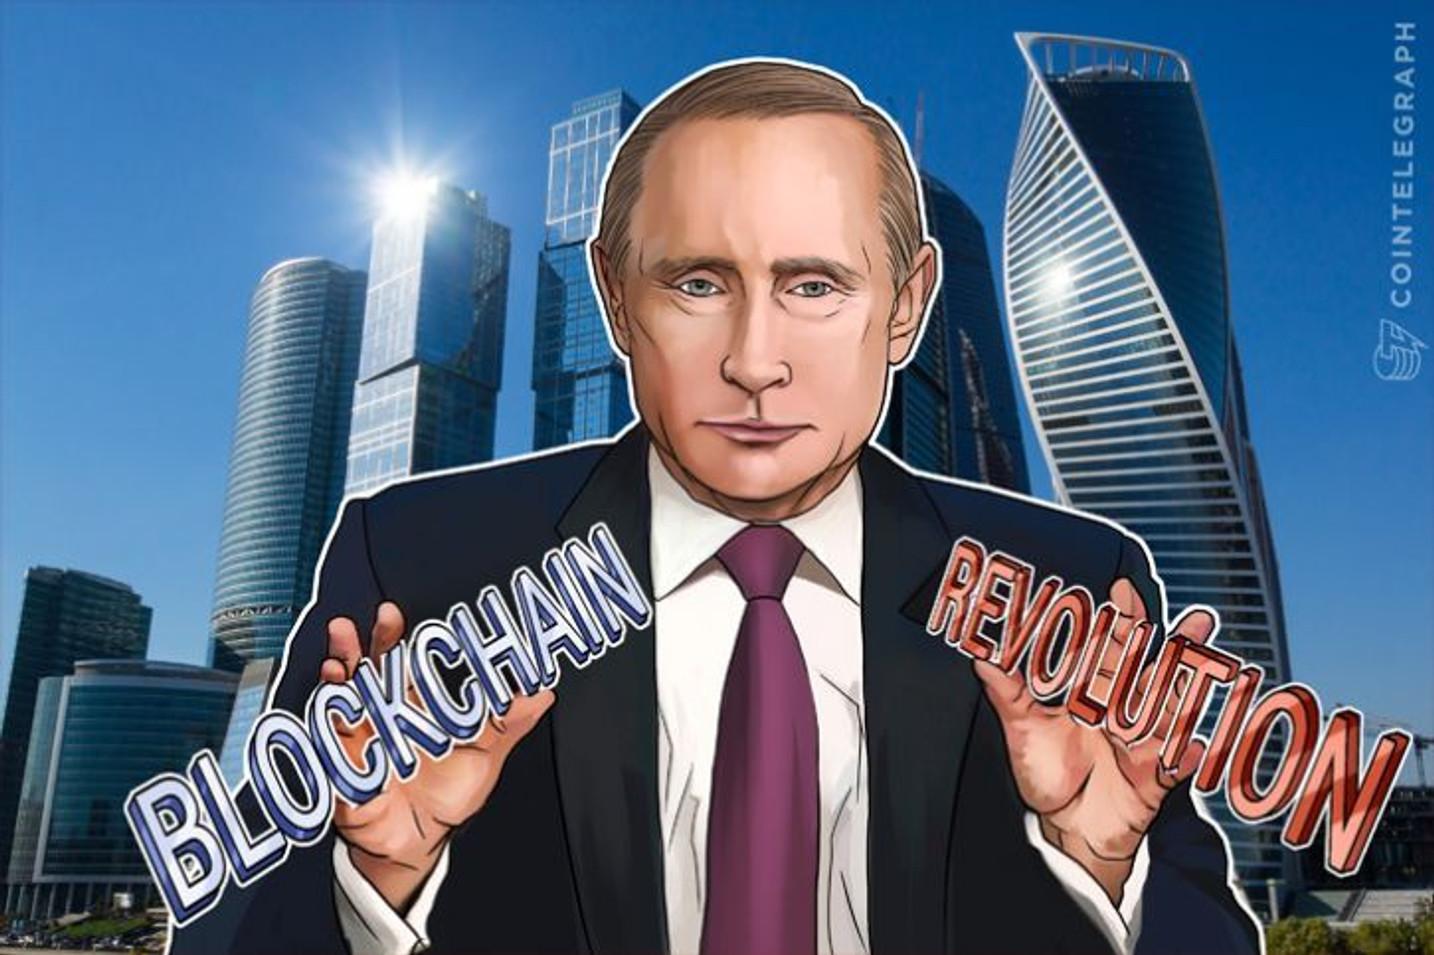 No podemos mantener a las cripto bajo llave y cerradura dice poderoso político ruso